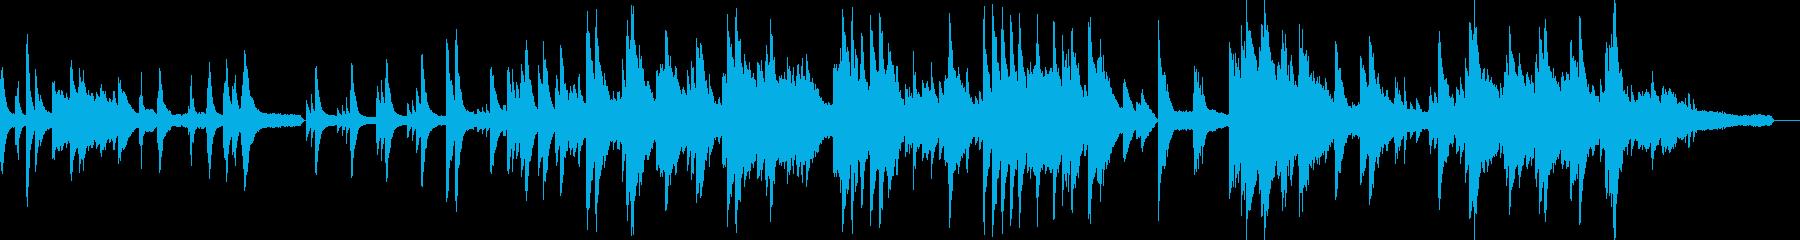 感動的で優しいソロピアノ ラブバラードの再生済みの波形